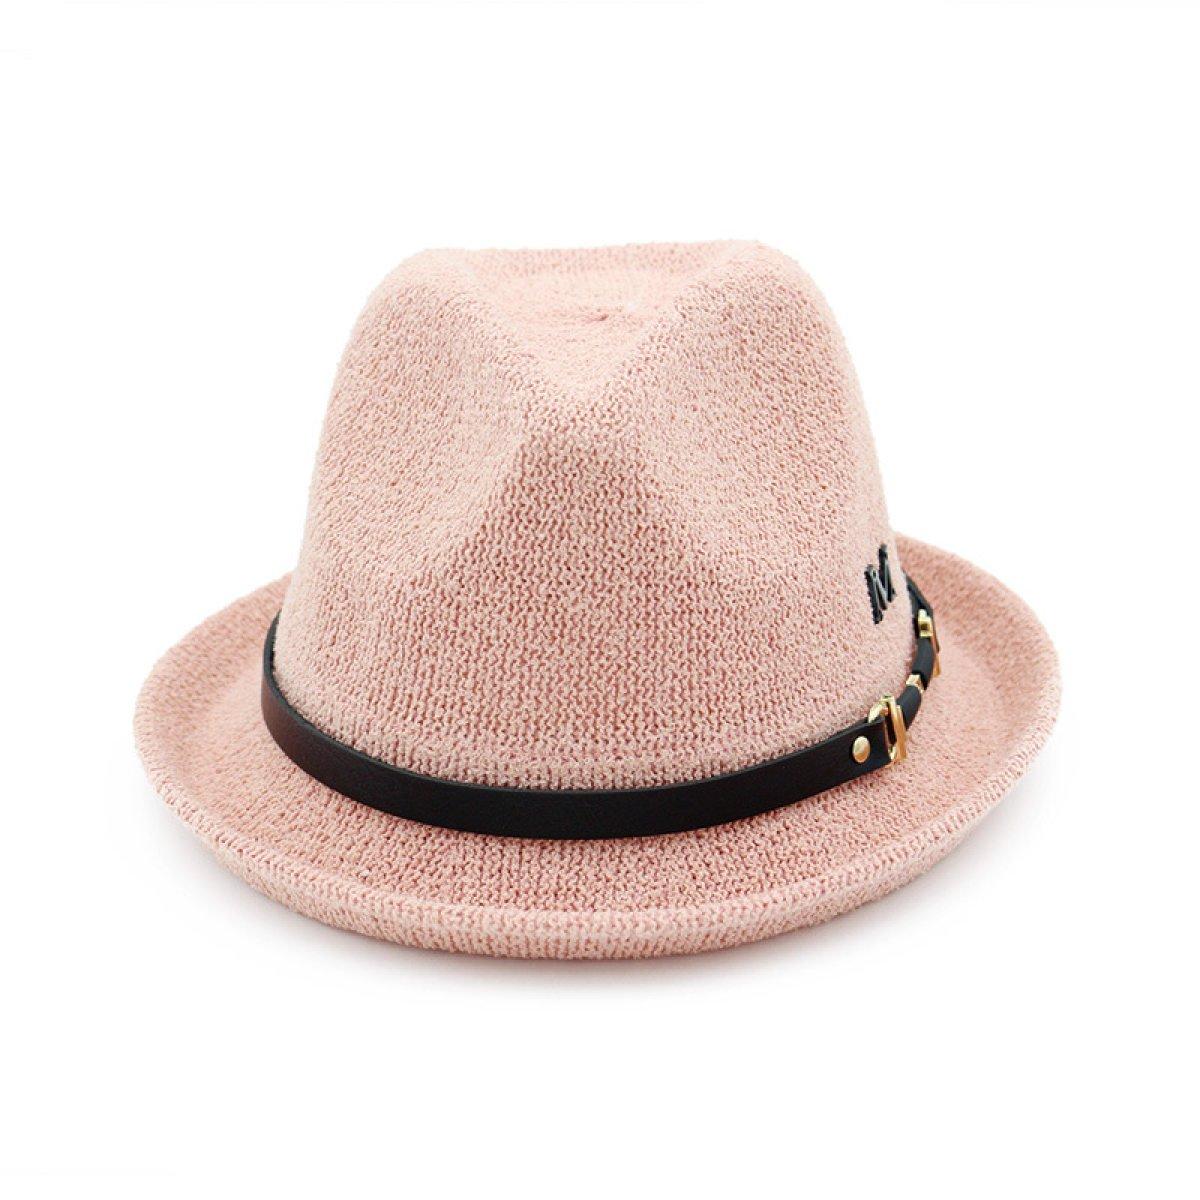 Signore Stile Britannico Berretti Cintura Curling Cappello Di Jazz Elegante  Cappello Viaggi Di Piacere,Beige-M(56-58cm): Amazon.it: Abbigliamento